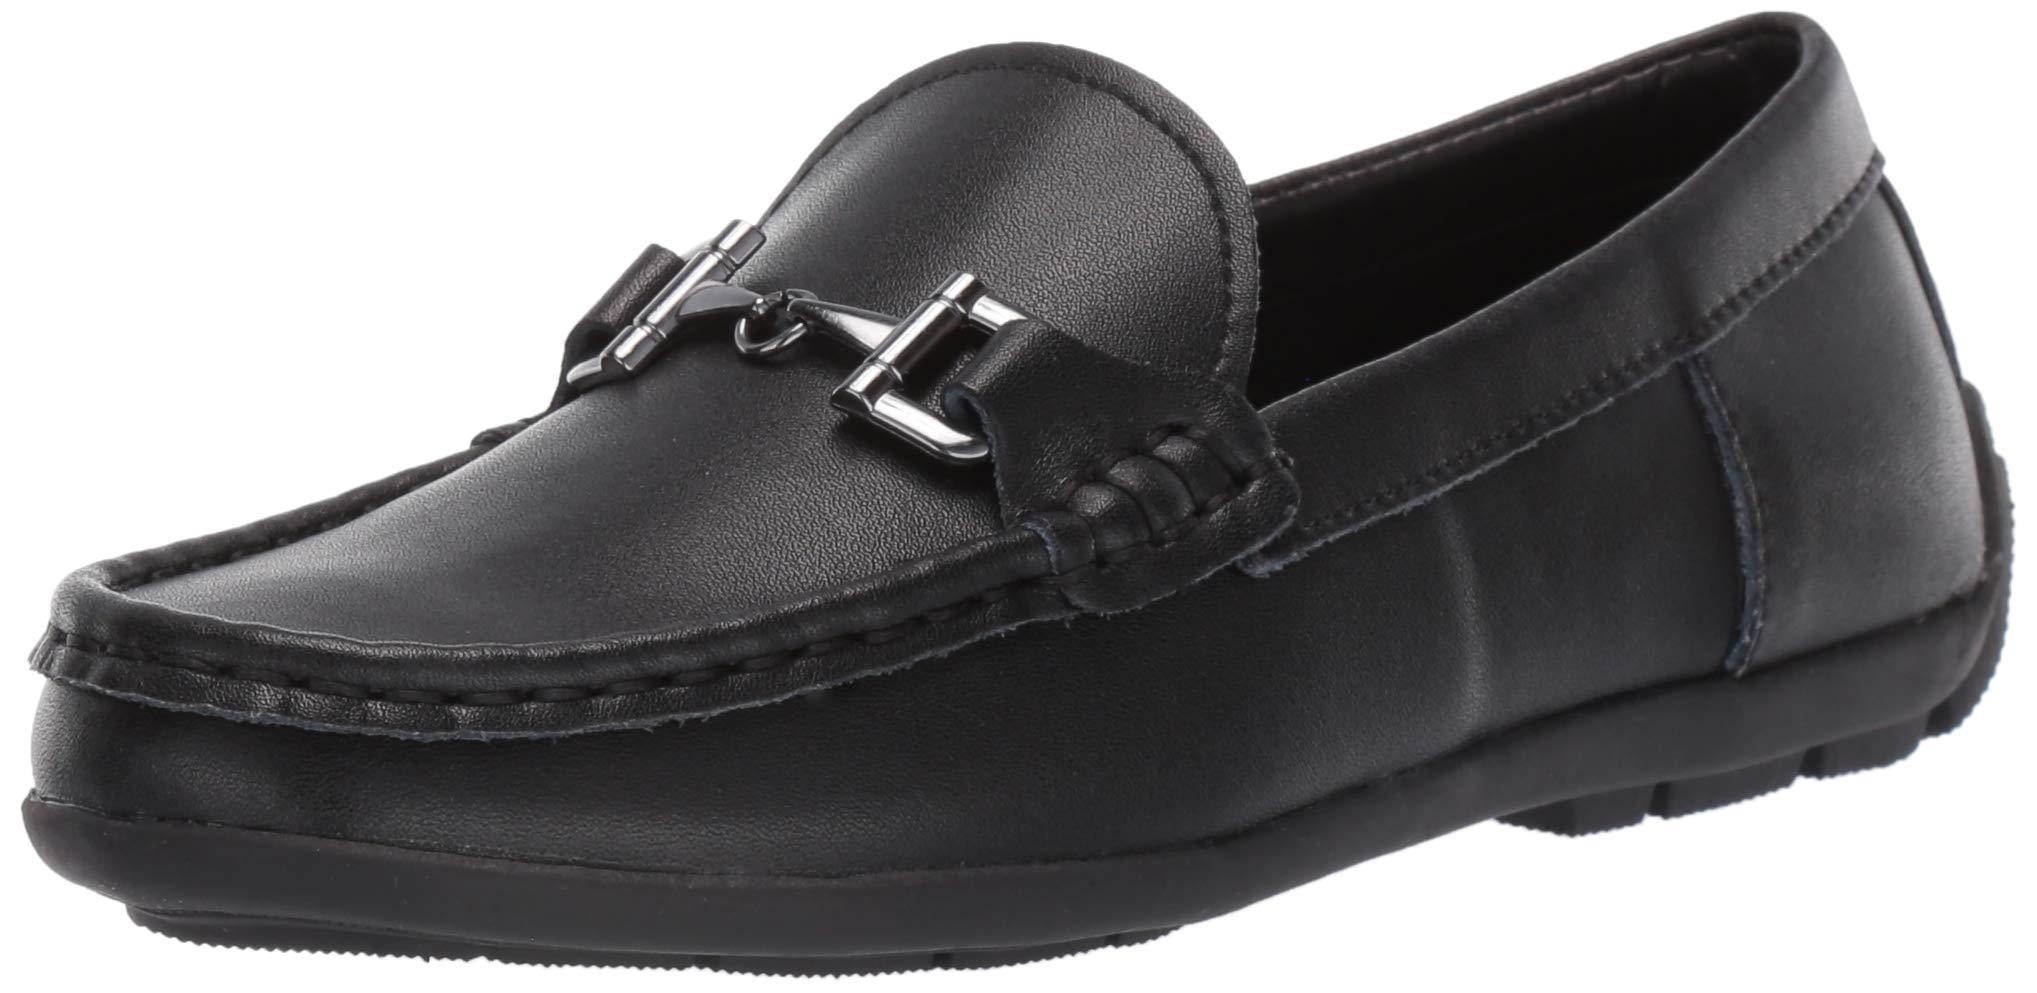 Steve Madden Boys' BLANGE Loafer Black Leather 5 M US Big Kid